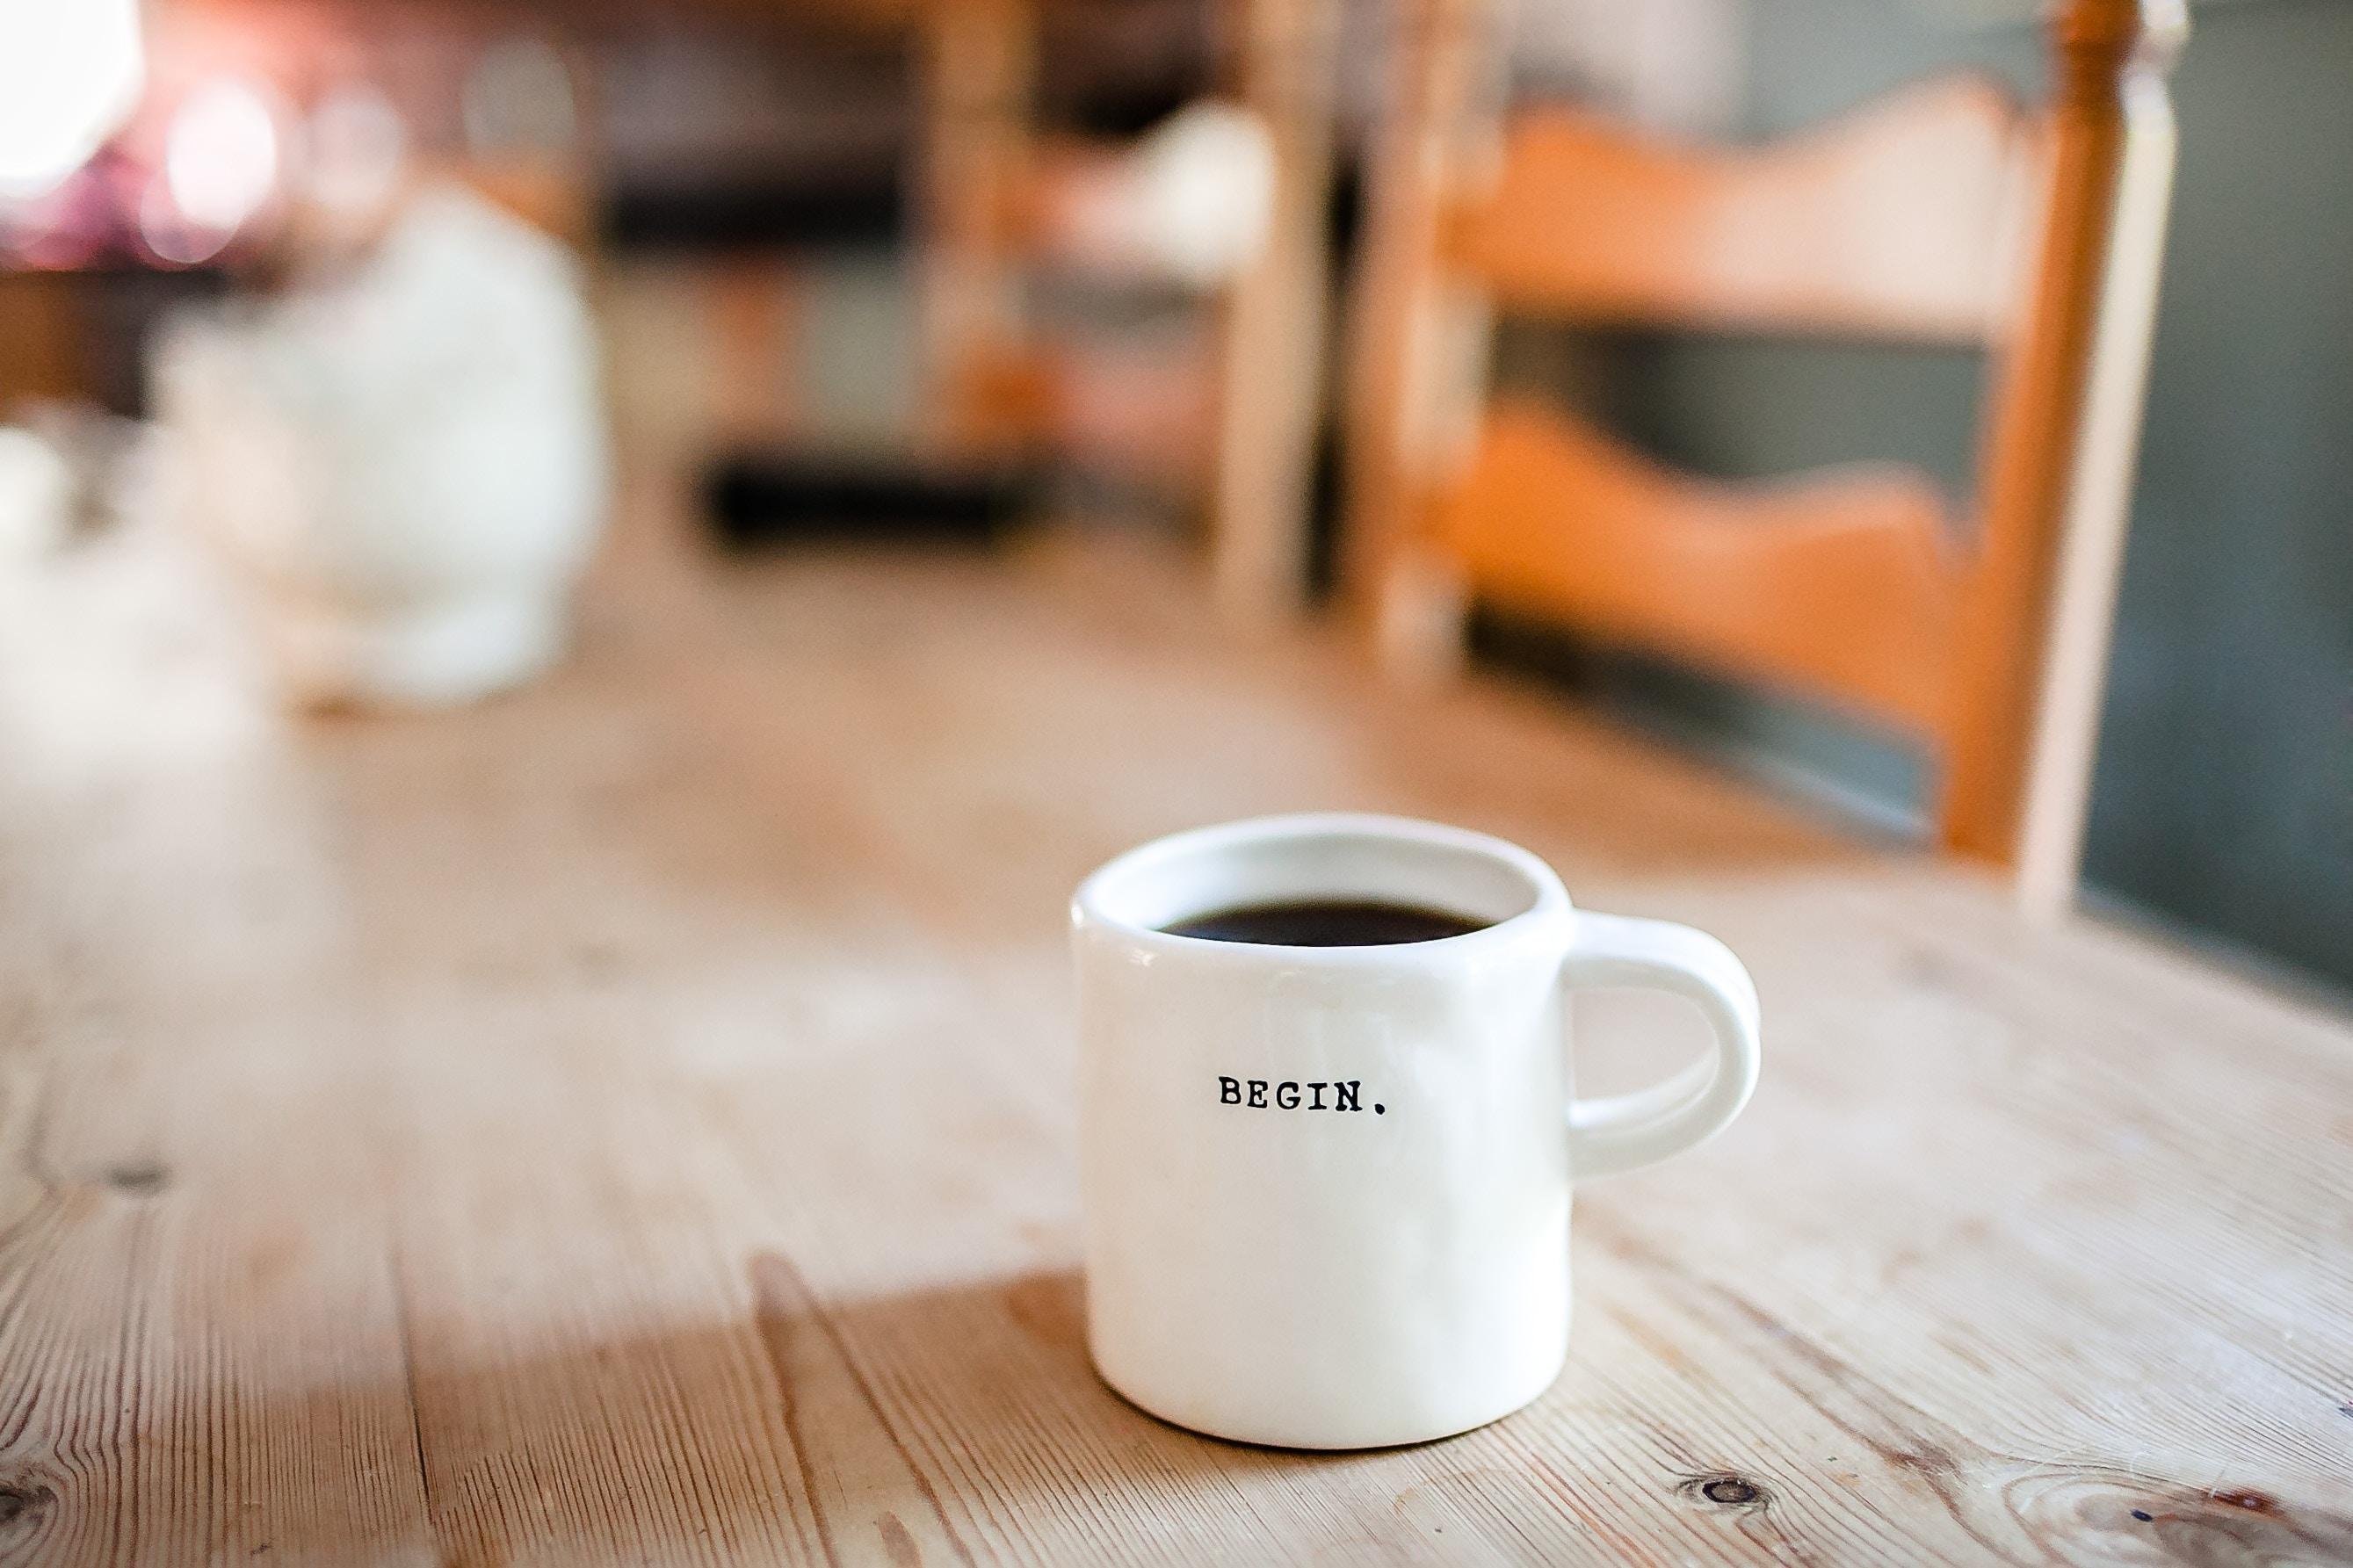 Zdjęcie kubka kawy z napisem Begin